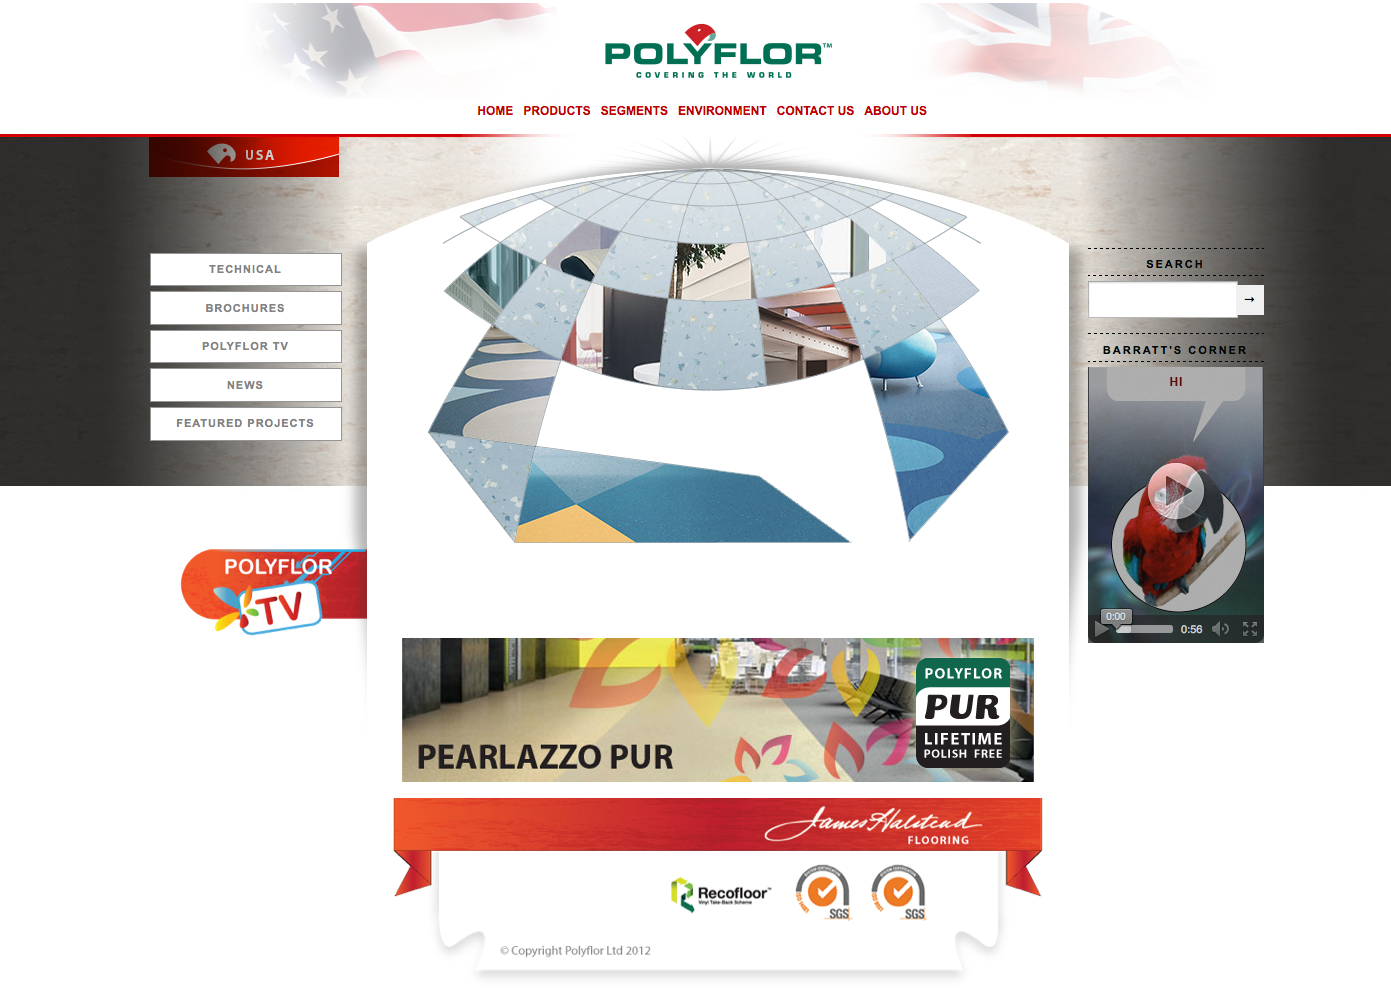 PolyflorUSA_-_Home_-_2014-07-16_18.33.35.png